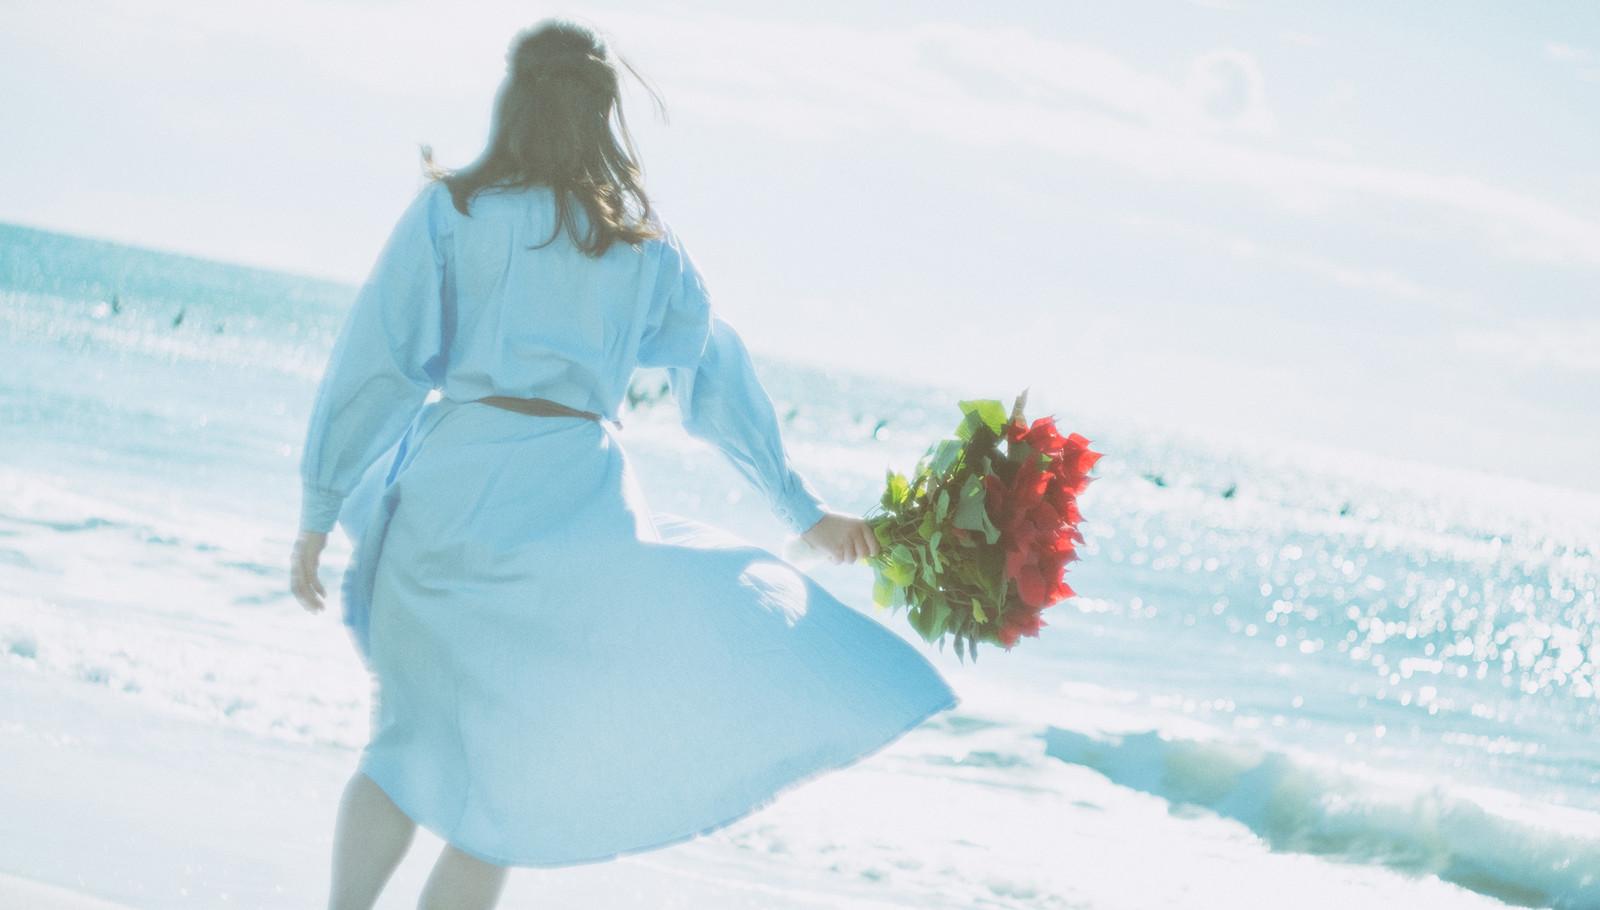 失恋から新しい恋に切り替えるには?前向きな気持ちになる6つの方法